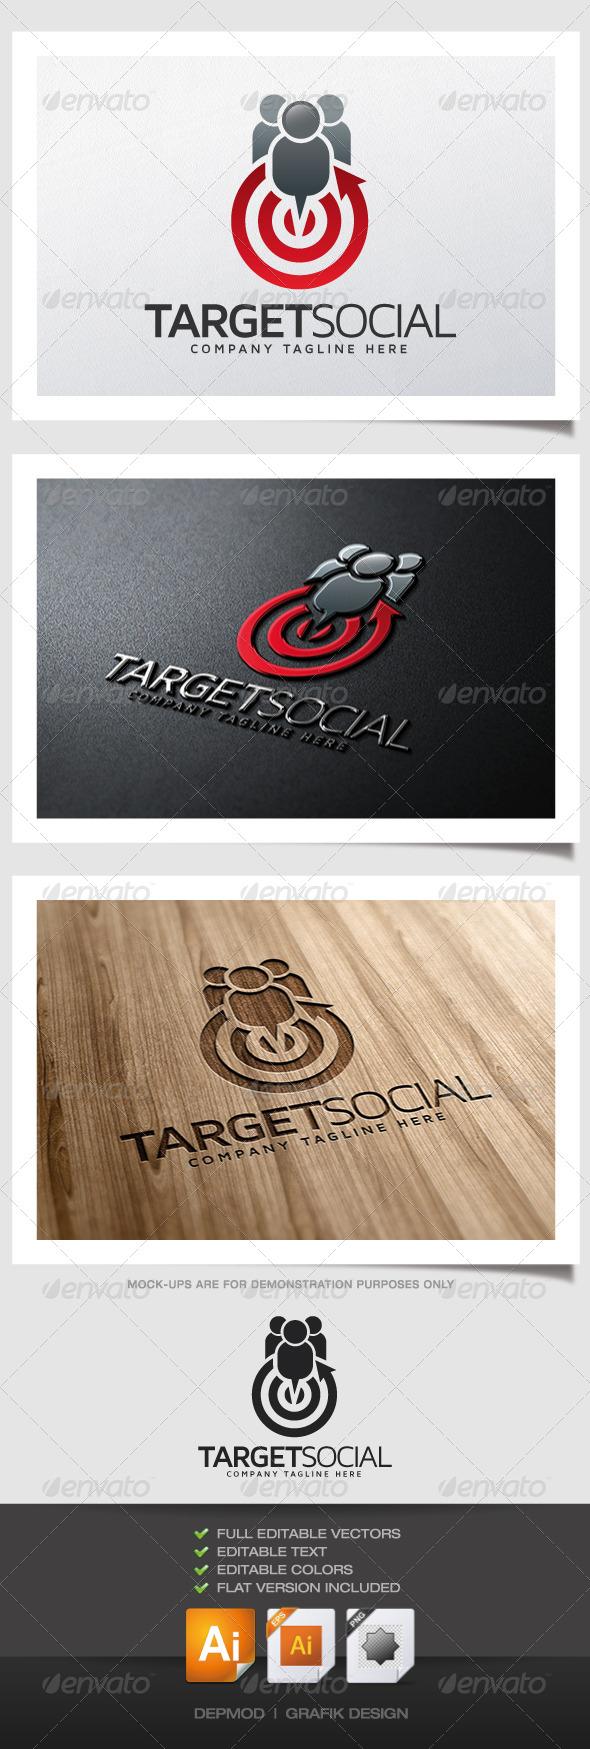 Target Social Logo